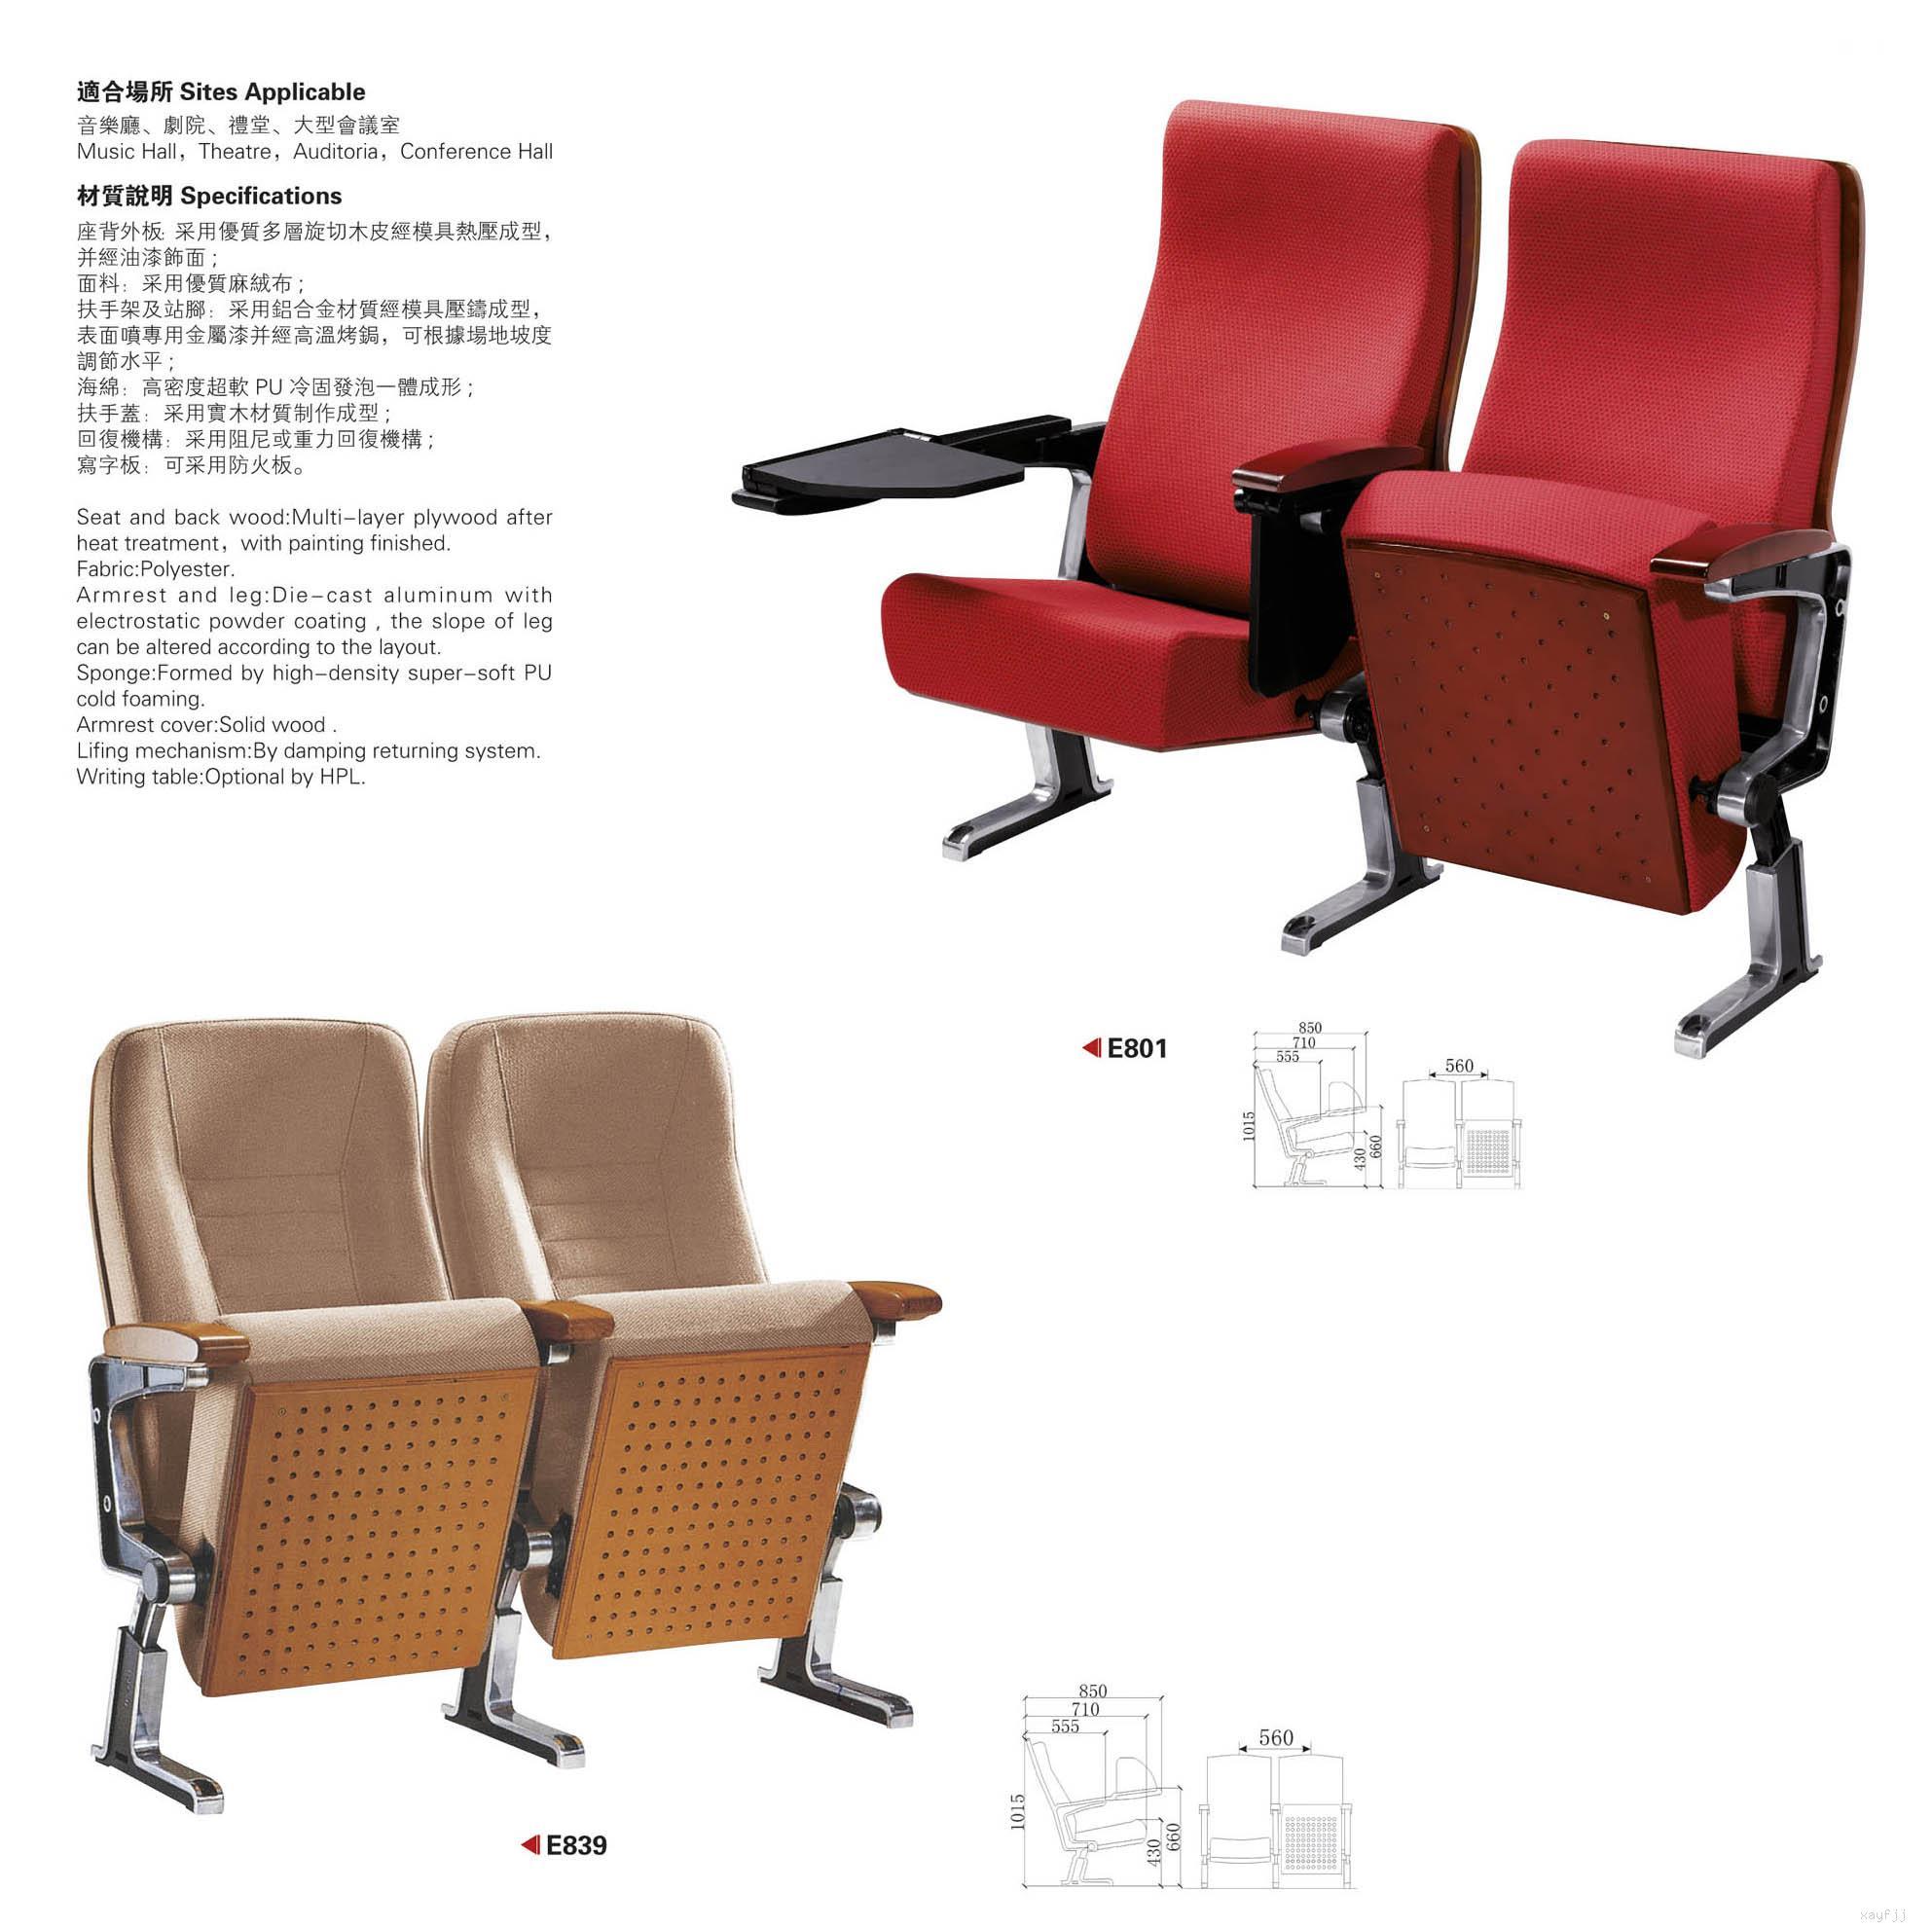 鋁合金架禮堂椅